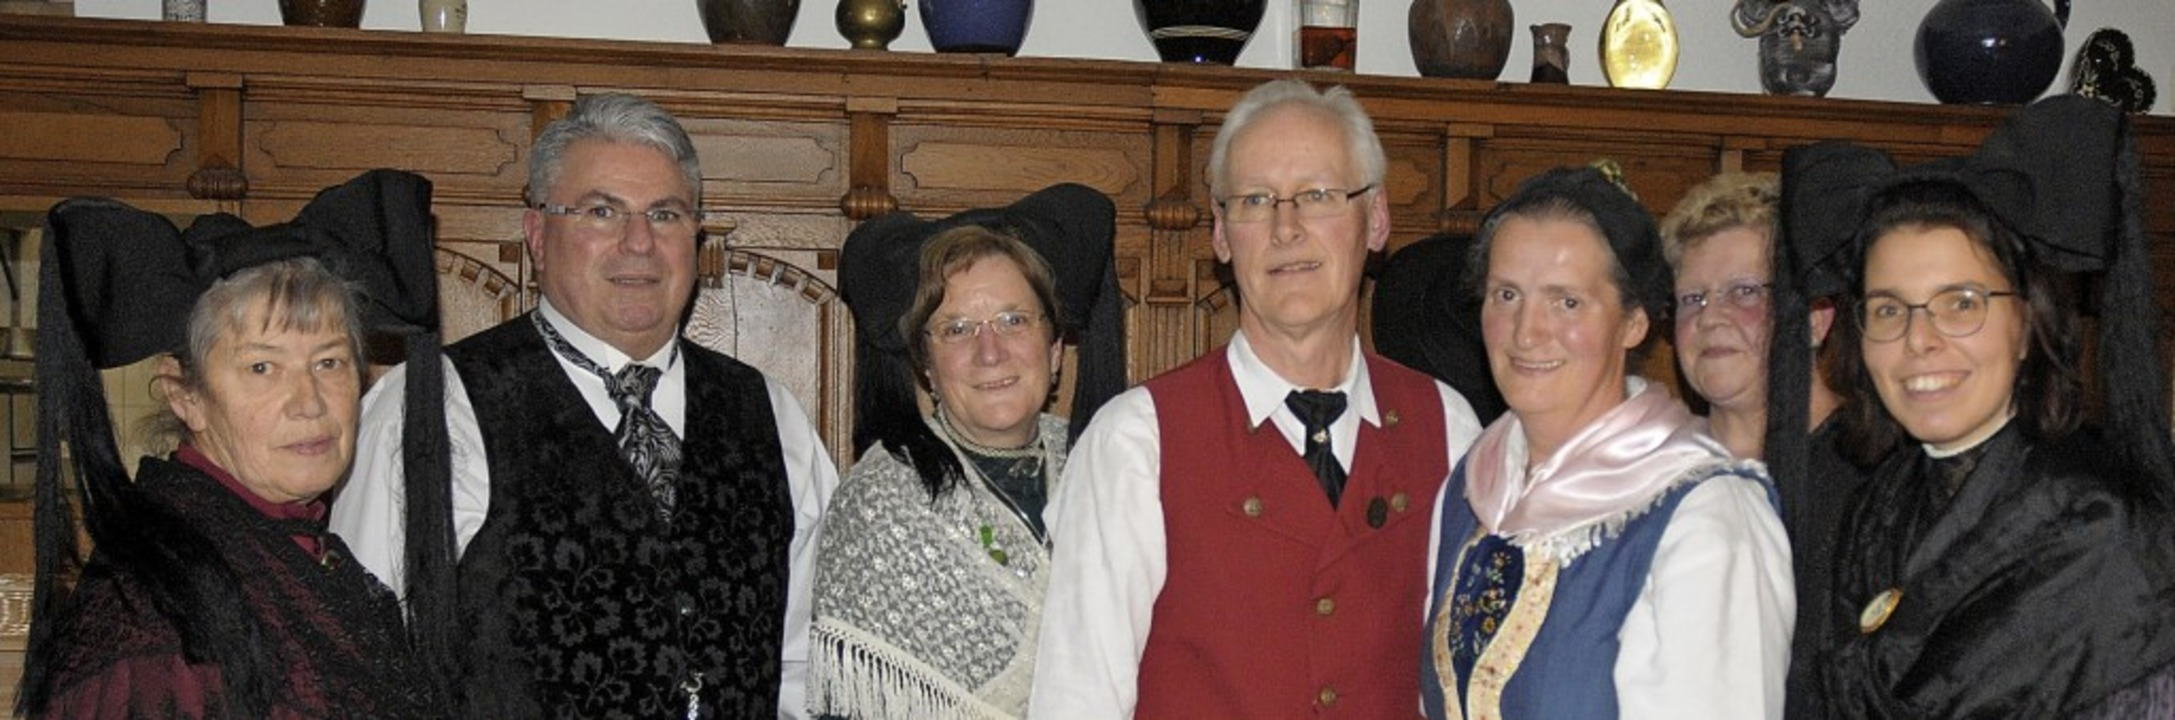 Der Vorstand des Markgräfler Trachtenv...harina Dörling und Barbara Mayer-Adolf    Foto: OUNAS